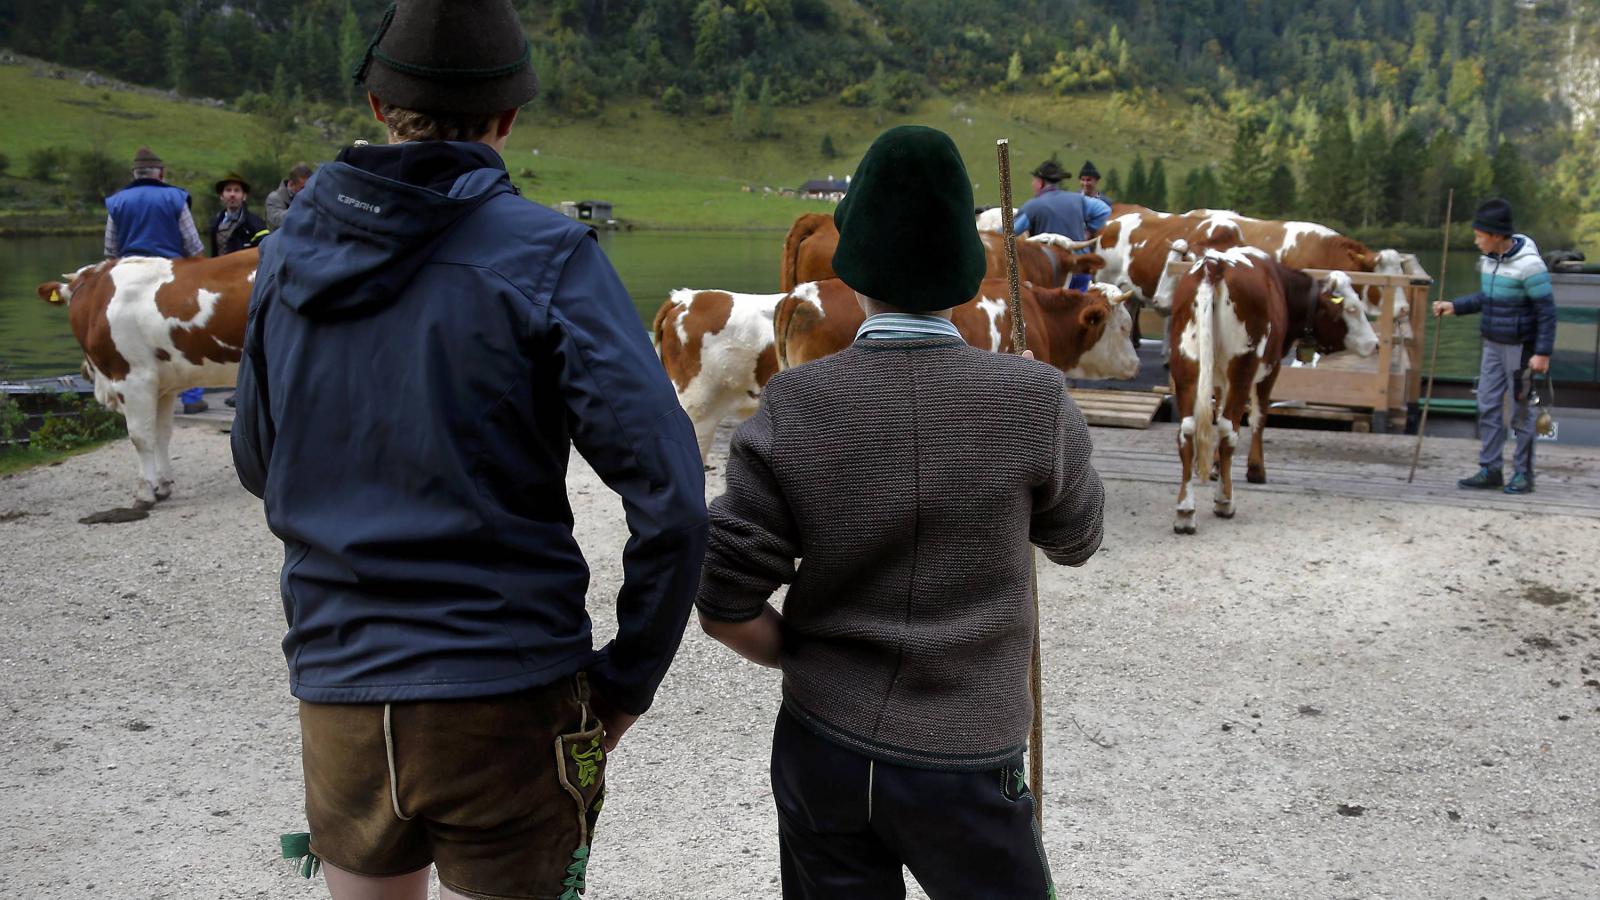 Tradiční svážení kravských stád z alpských pastvin po bavorském jezeře Königssee